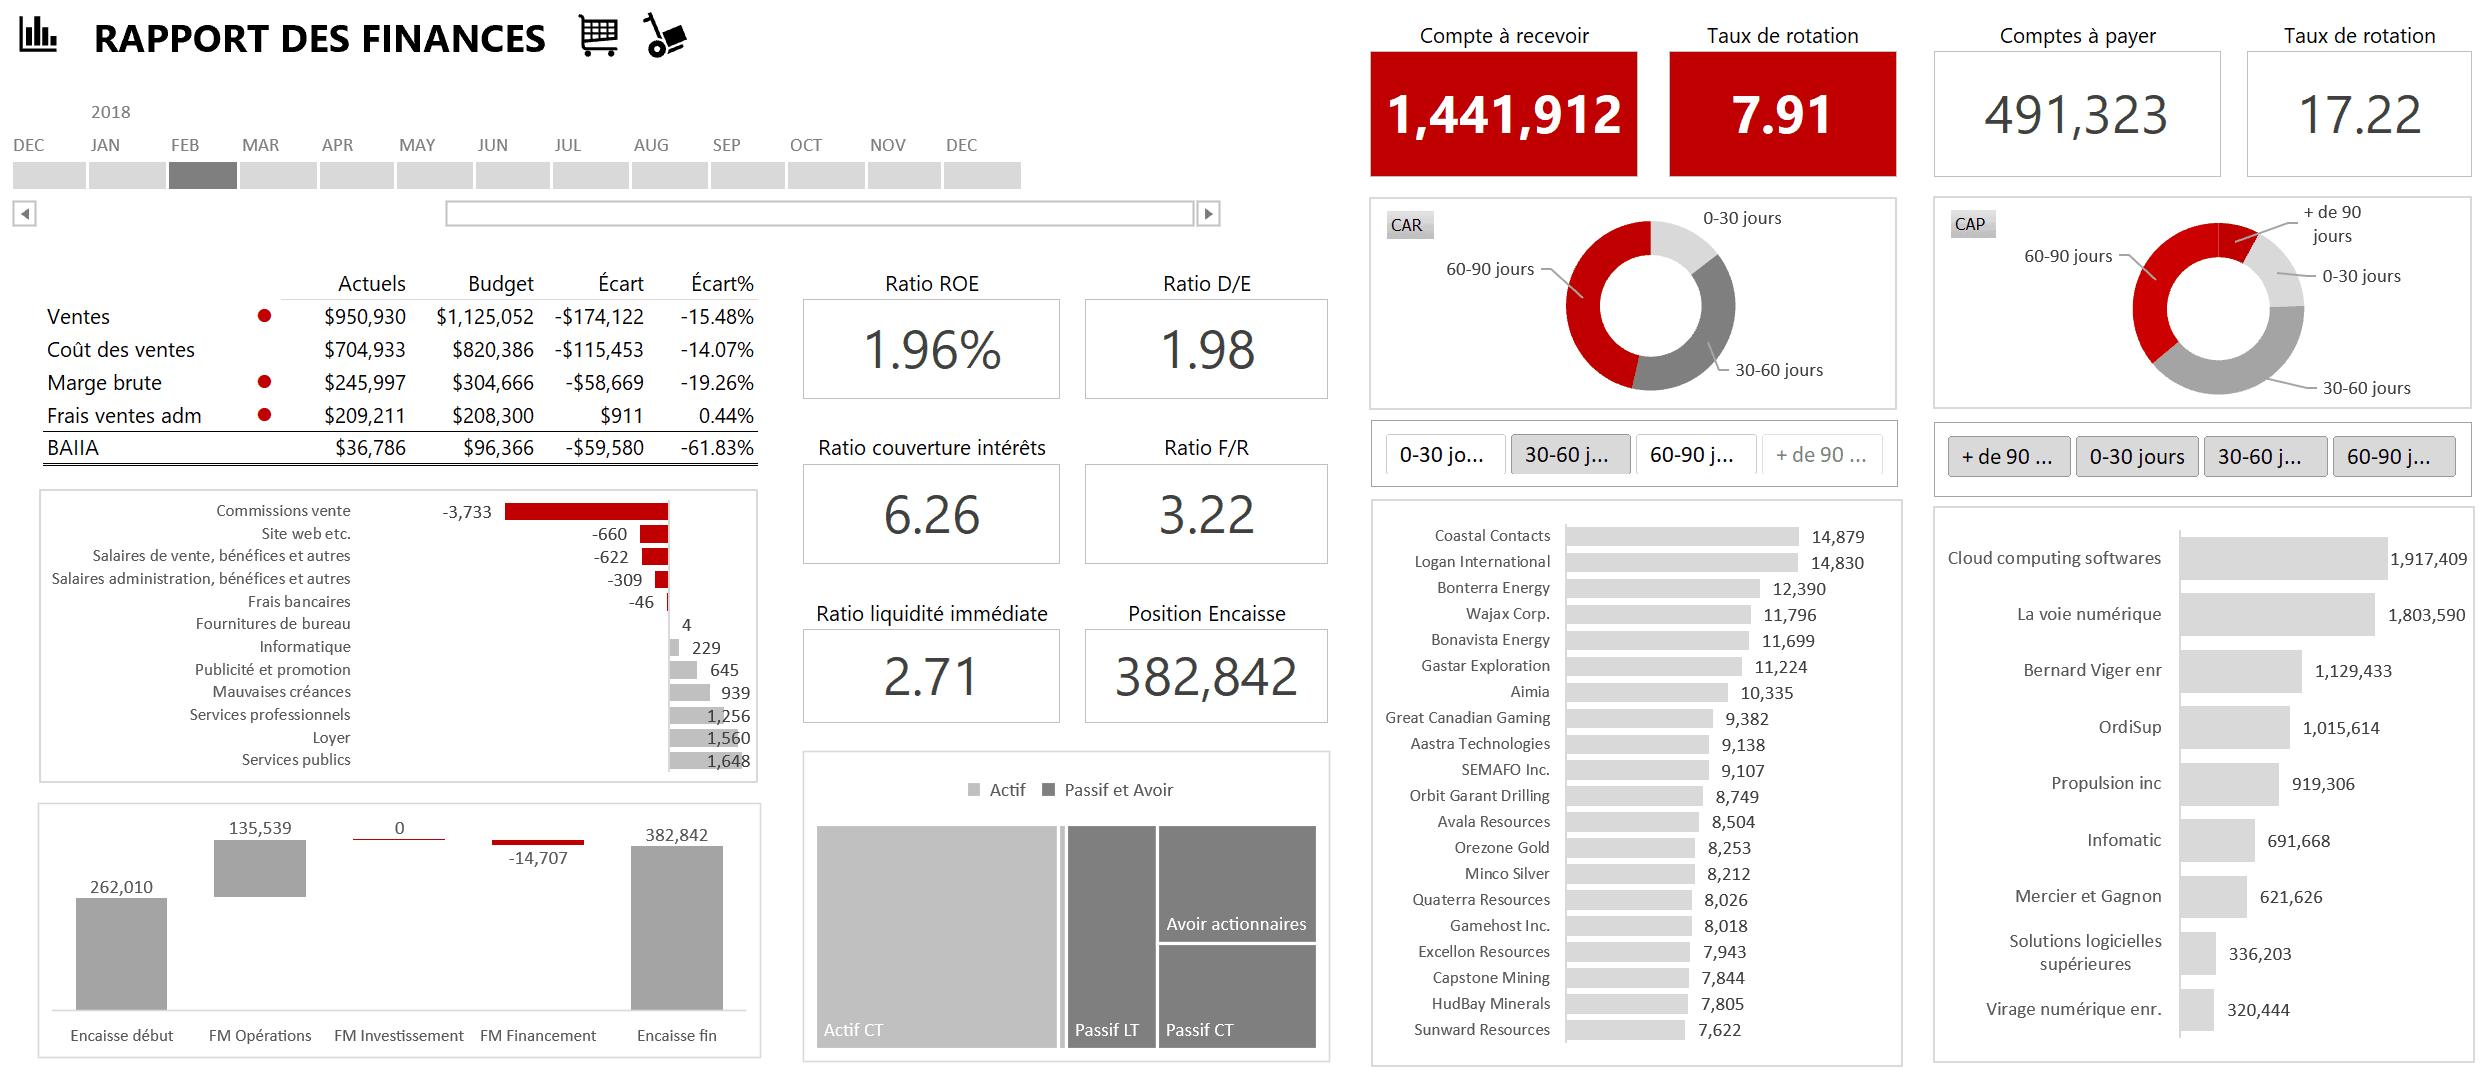 Rapport des finances